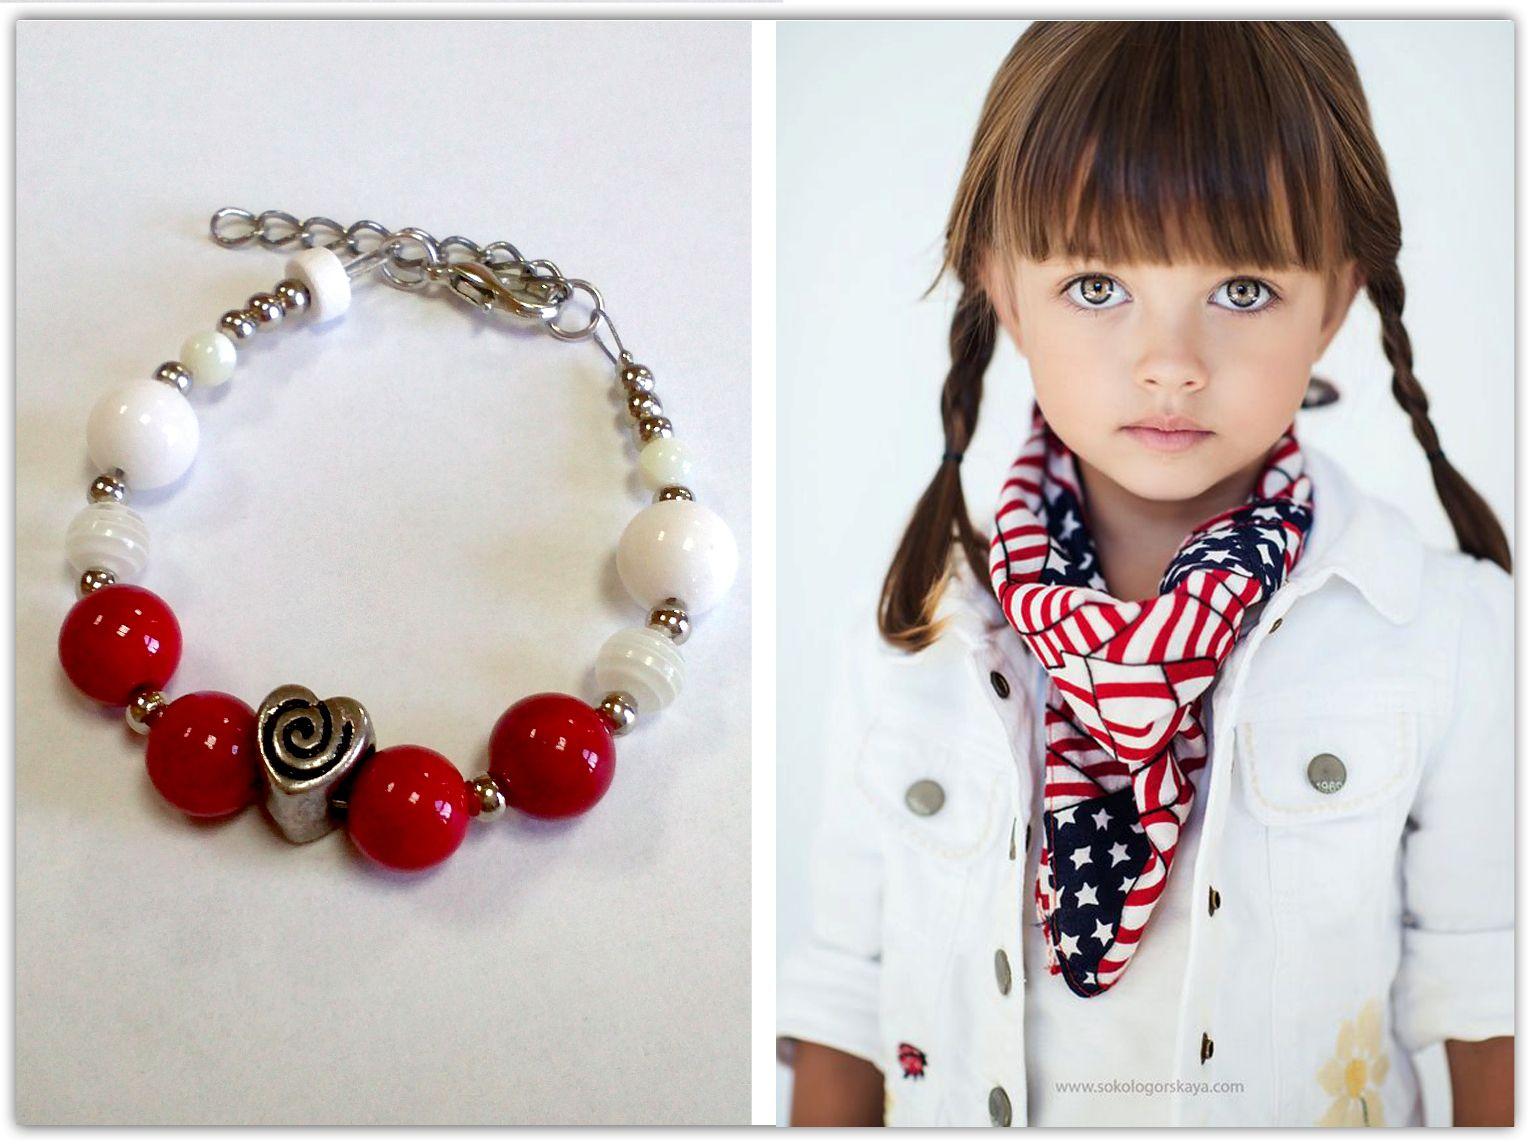 украшениедлятебя подарокребенку длядевочки детскиеукрашения детскийбраслет украшение браслет кварц подарок